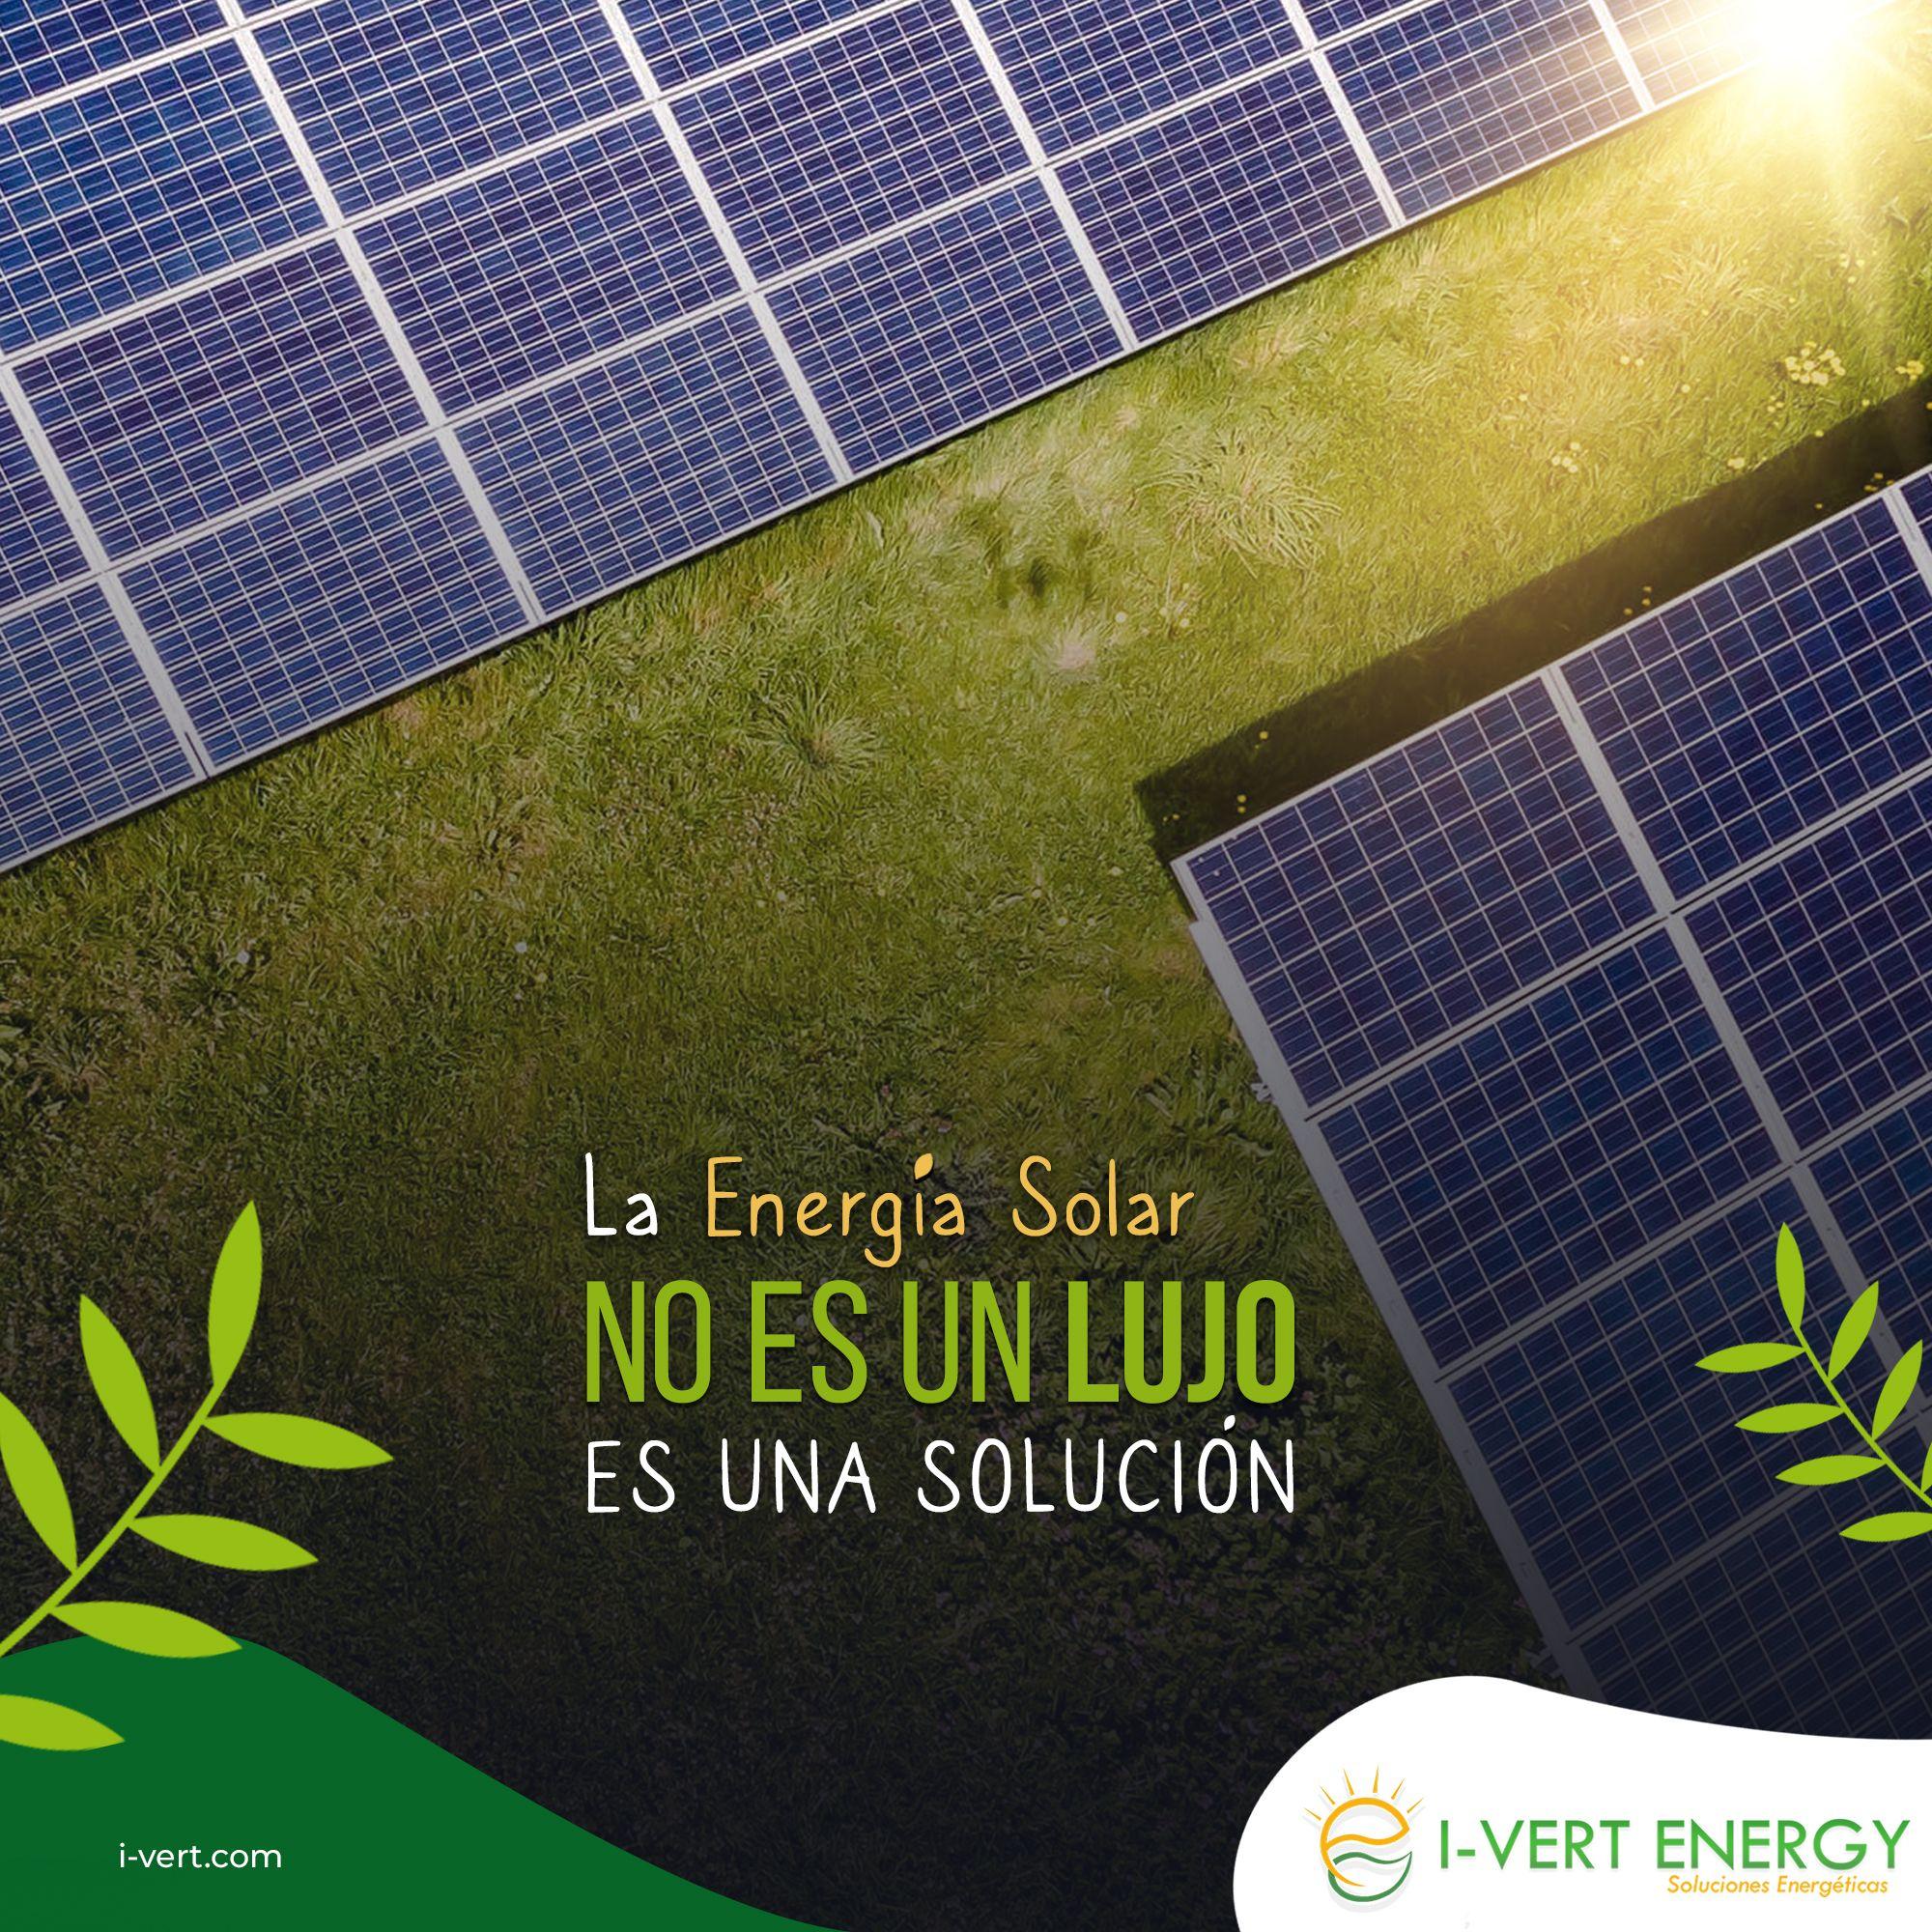 Energia Solar Frases En 2020 Paneles Solares Ahorro De Energia Energia Solar